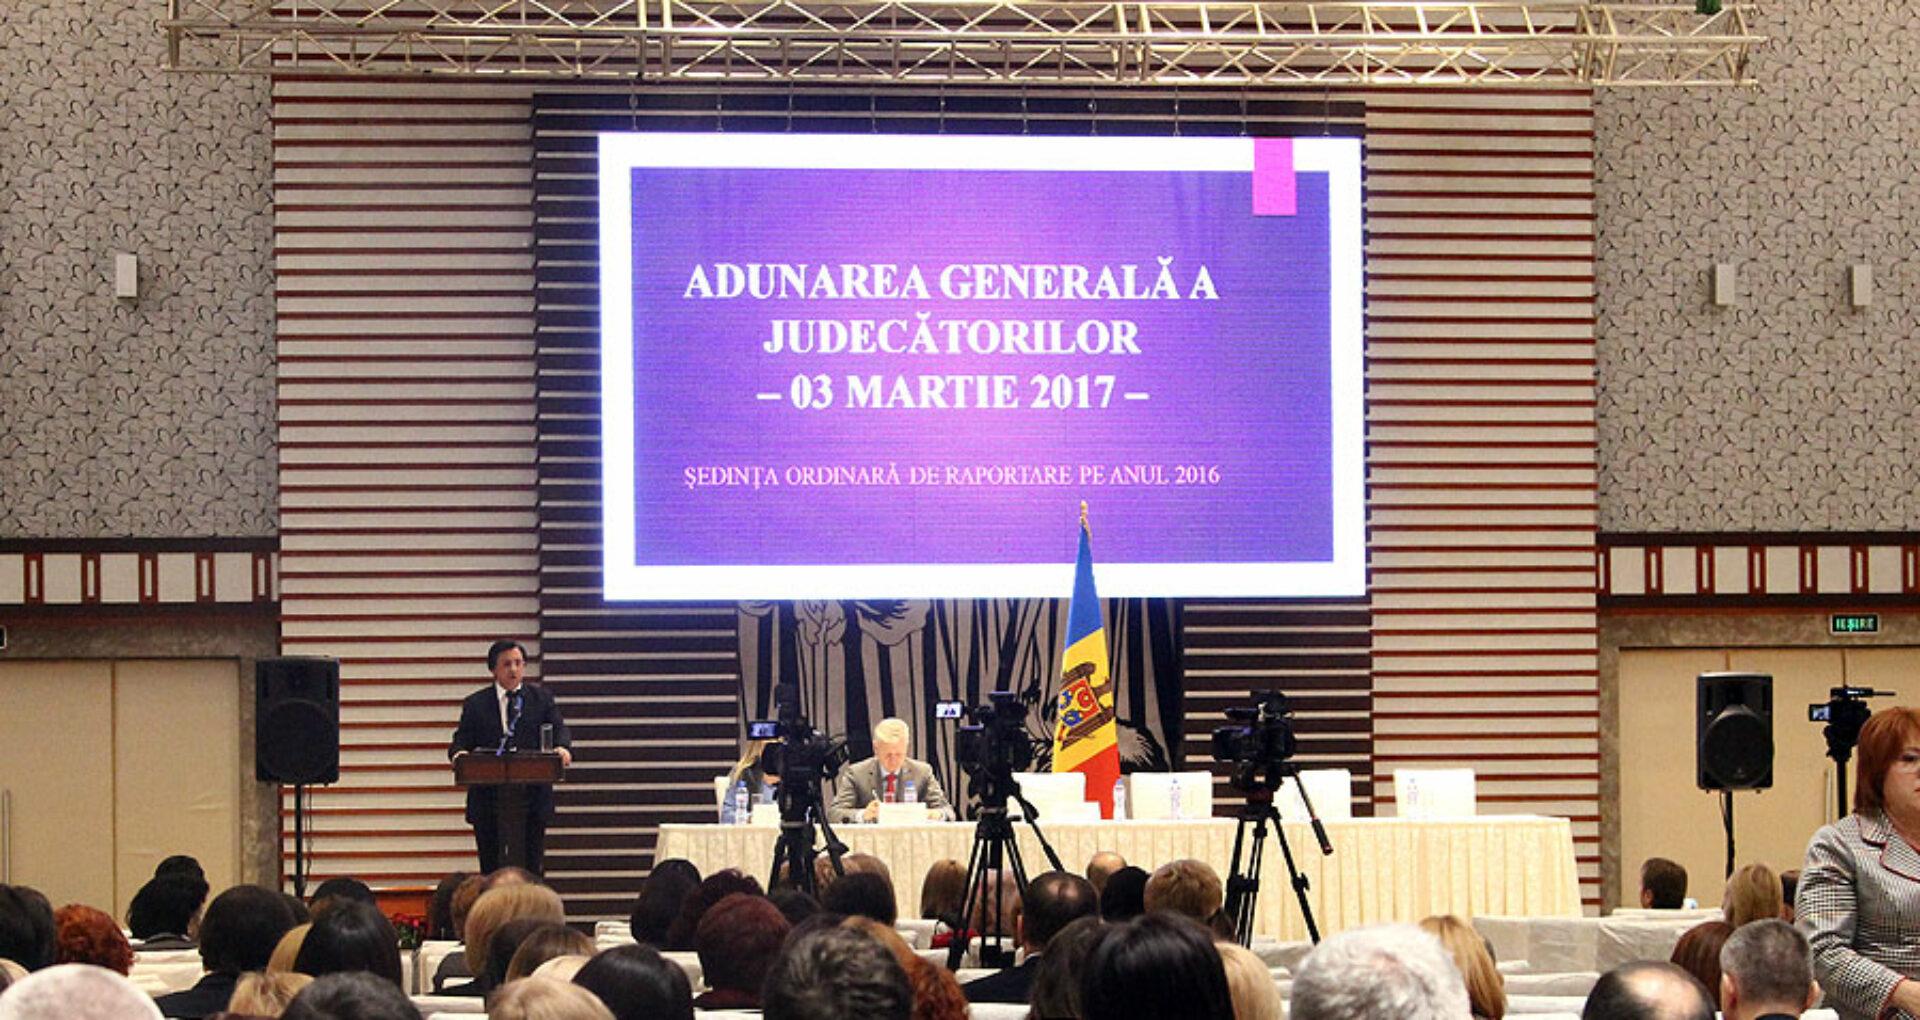 A fost respinsă cererea a 87 de judecători de a convoca Adunarea generală a Judecătorilor